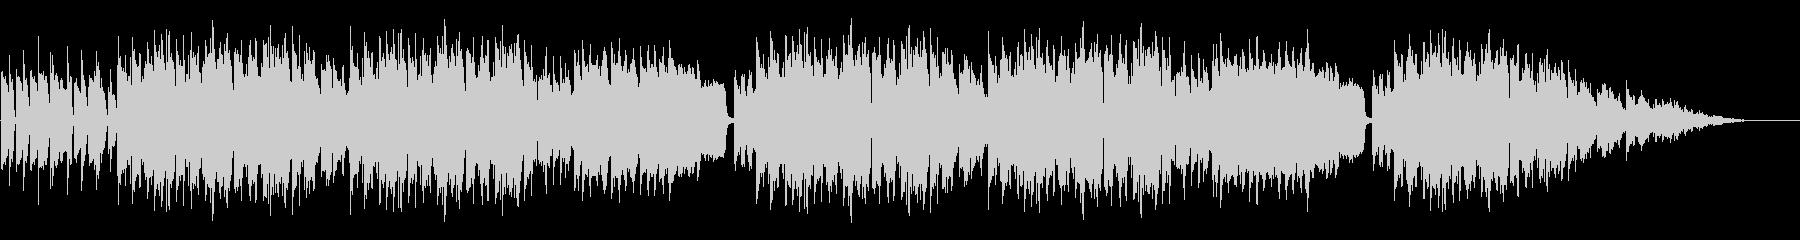 日常系ゆるいBGMの未再生の波形